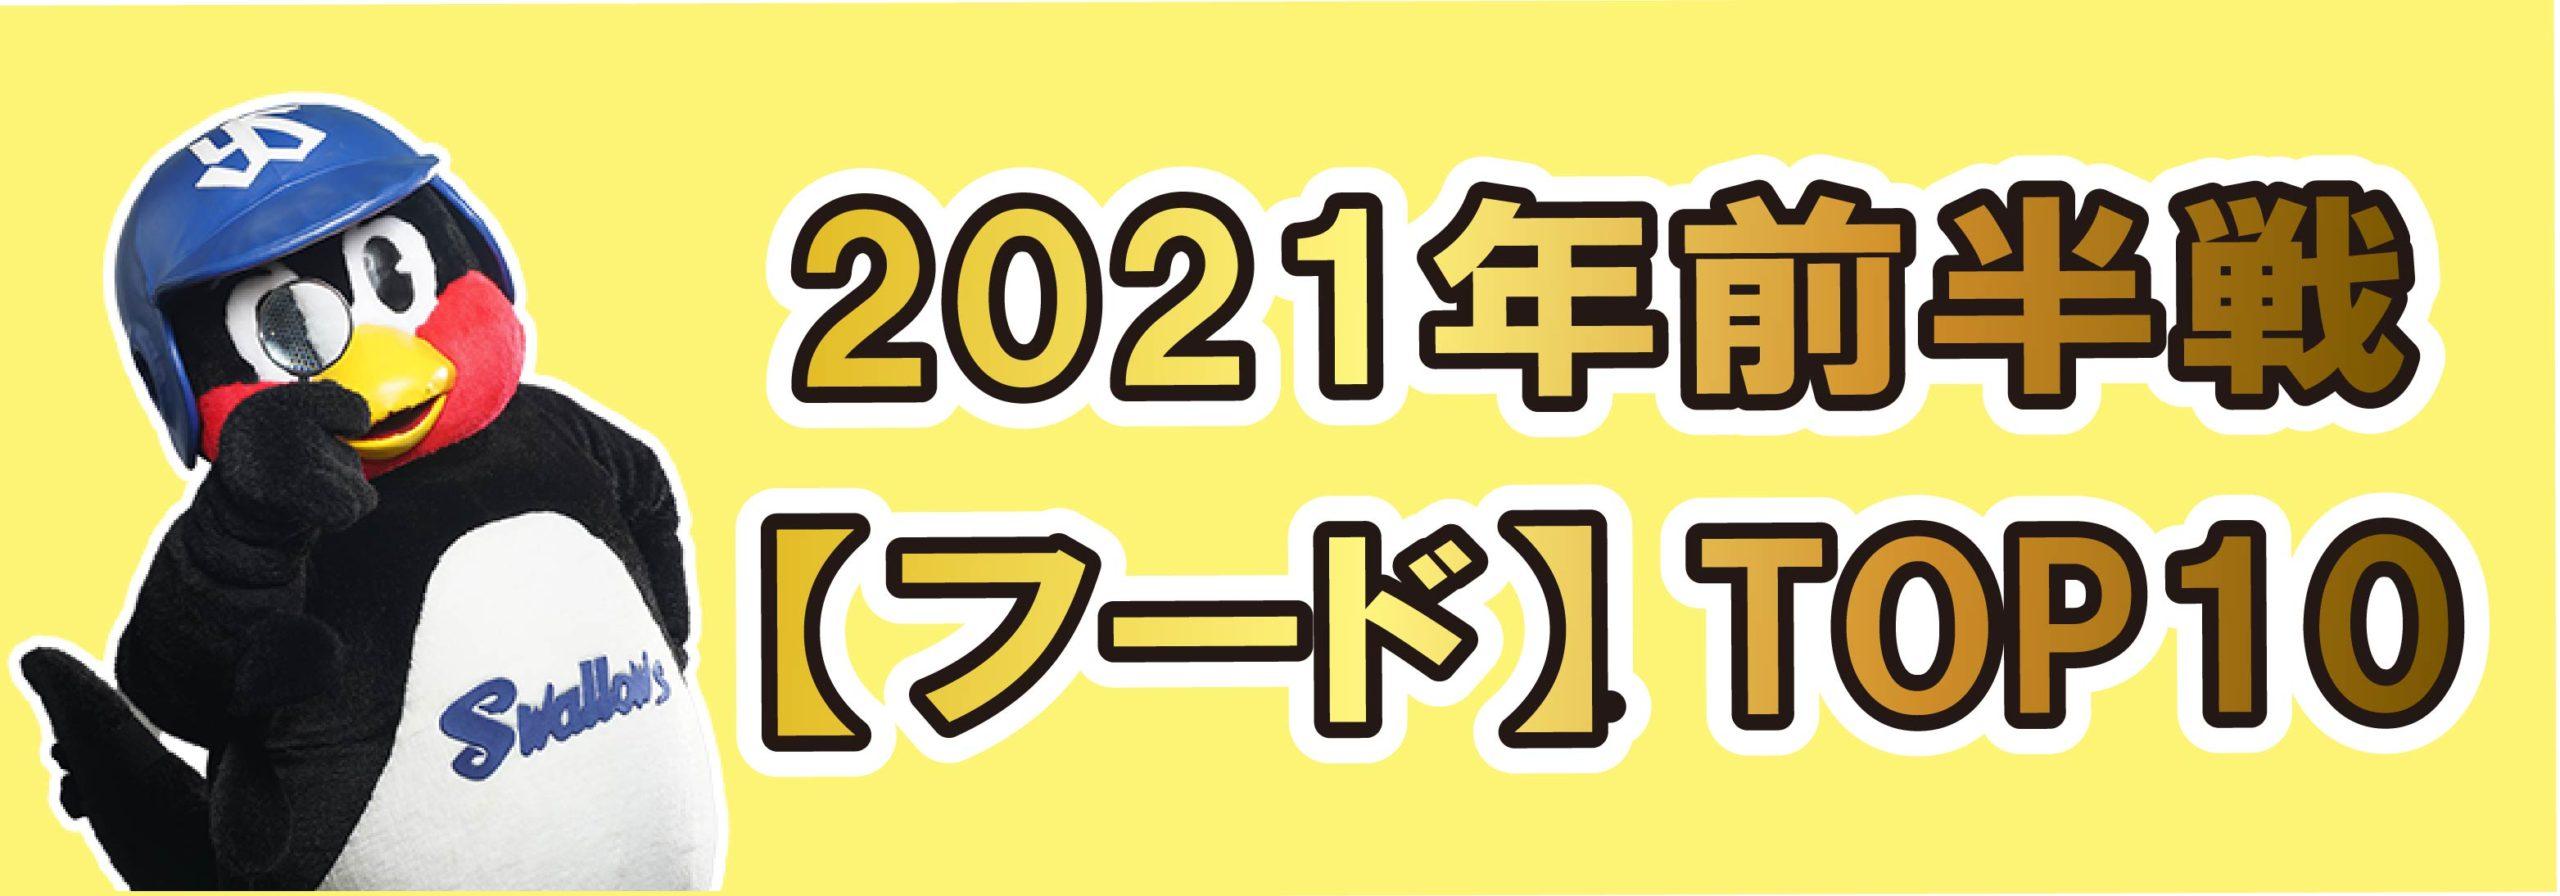 2021年前半戦スワローズグルメランキング【フード】